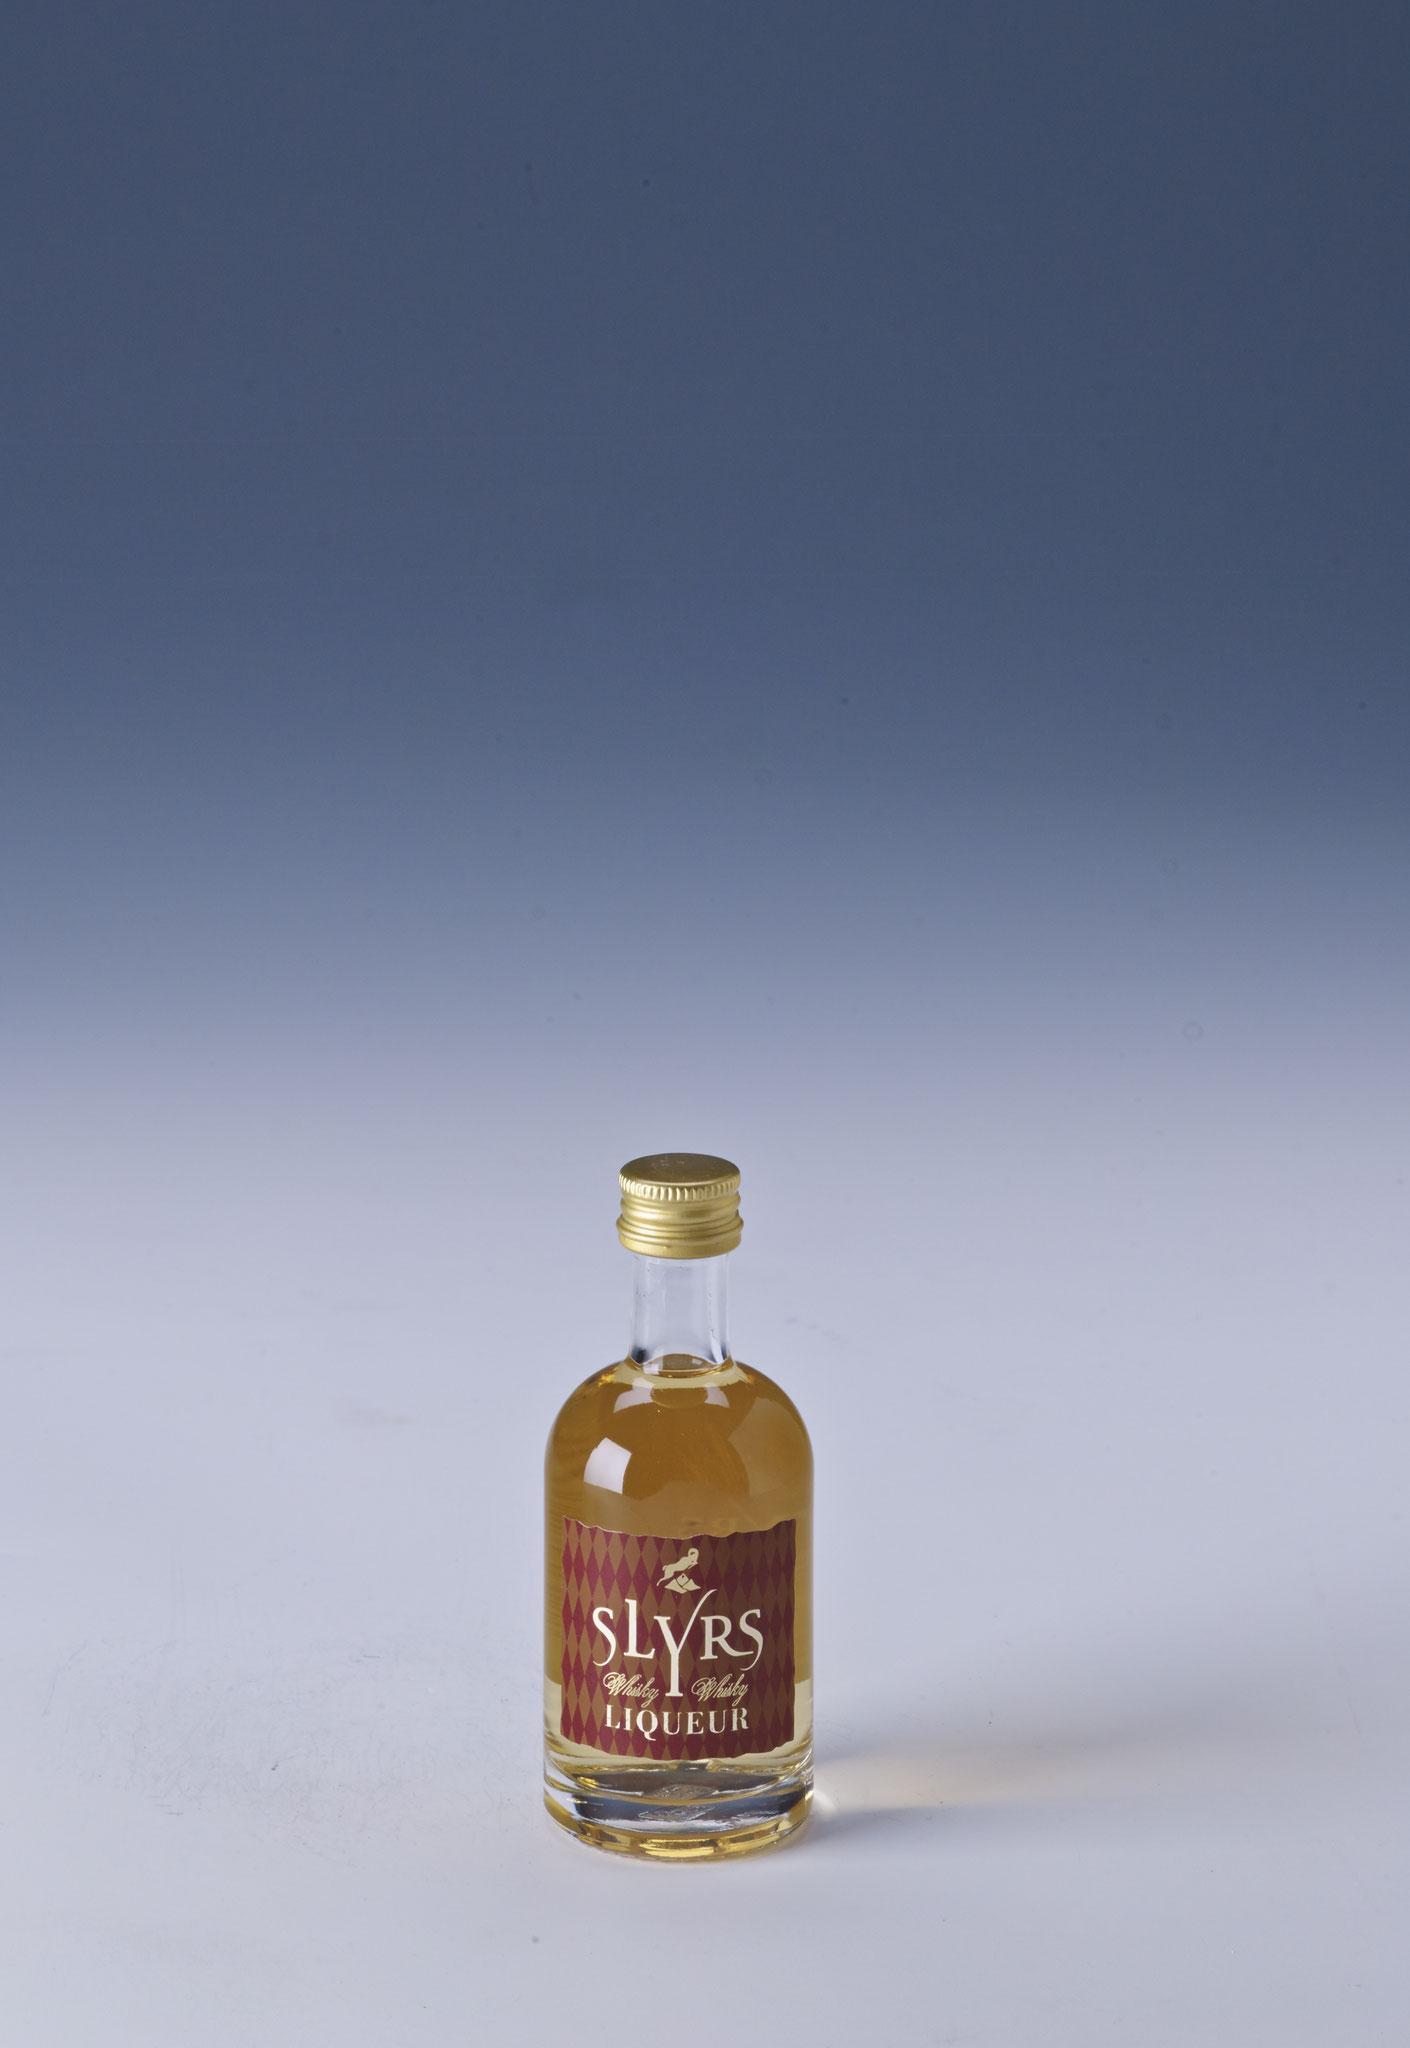 Slyrs Destillerie, Schliersee